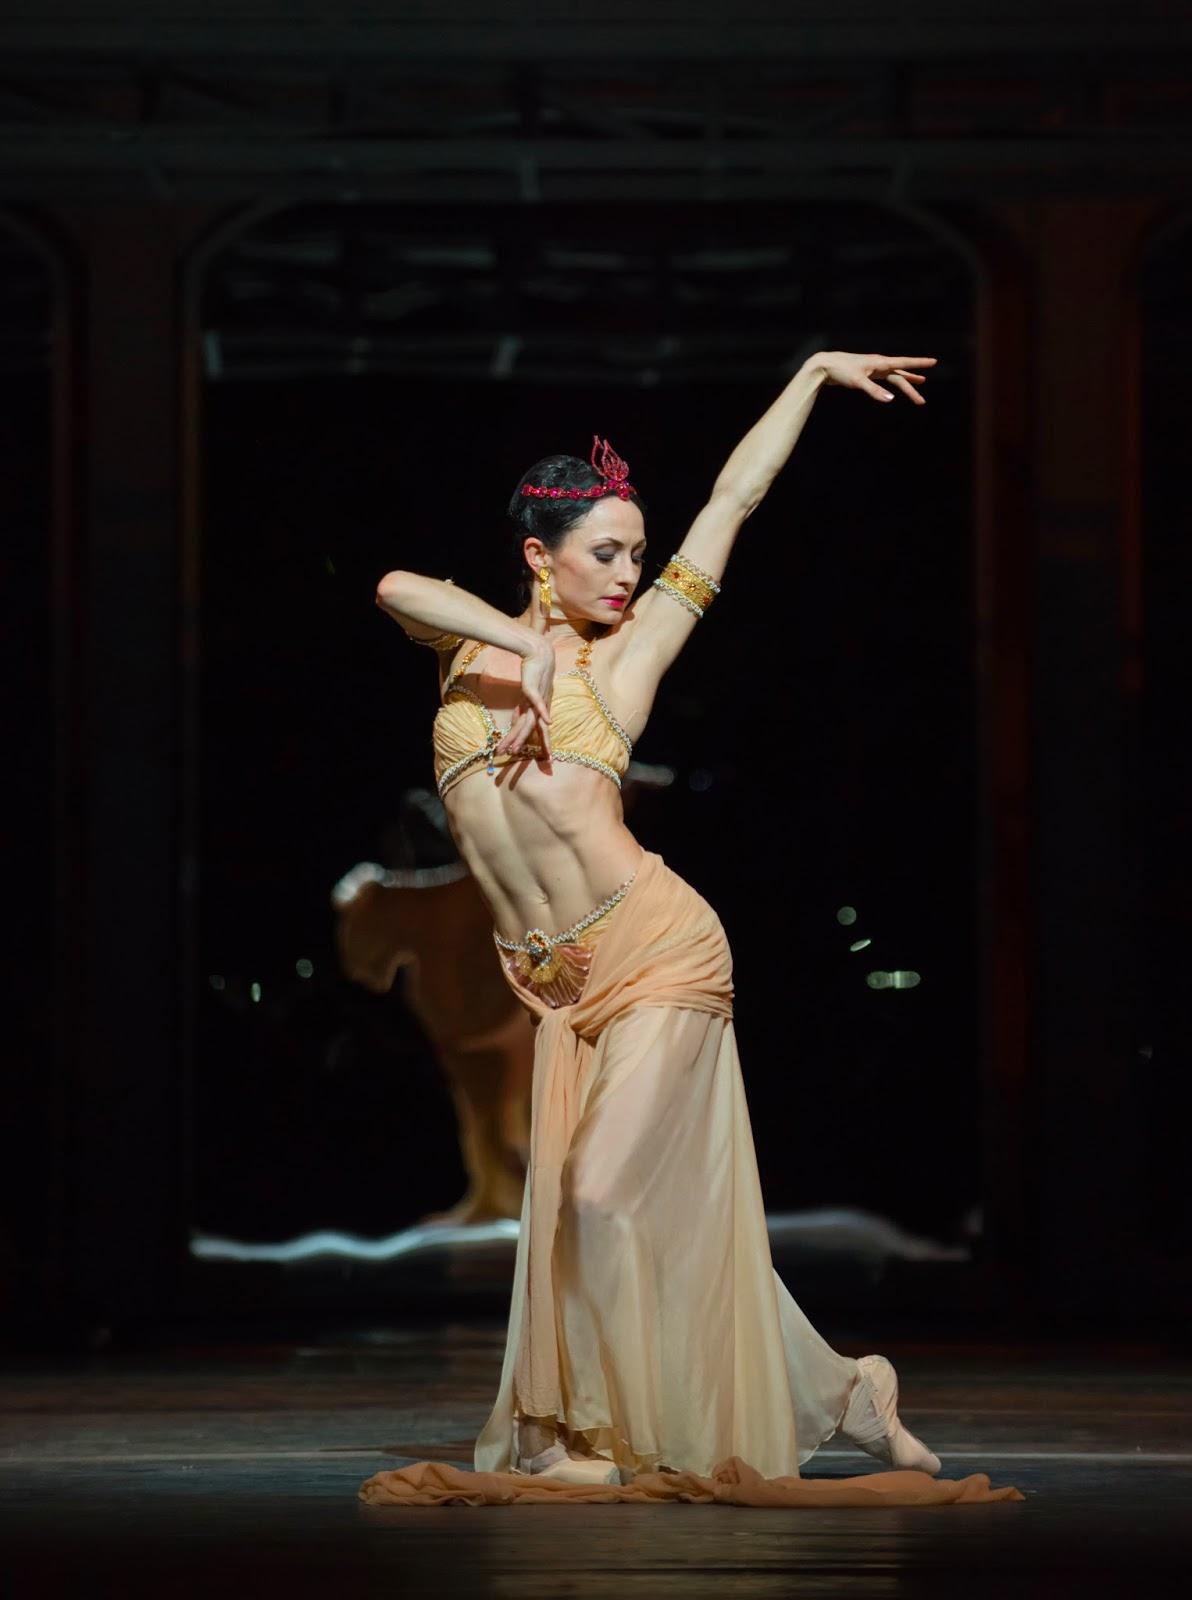 Exotic dancer blowjob foto 7